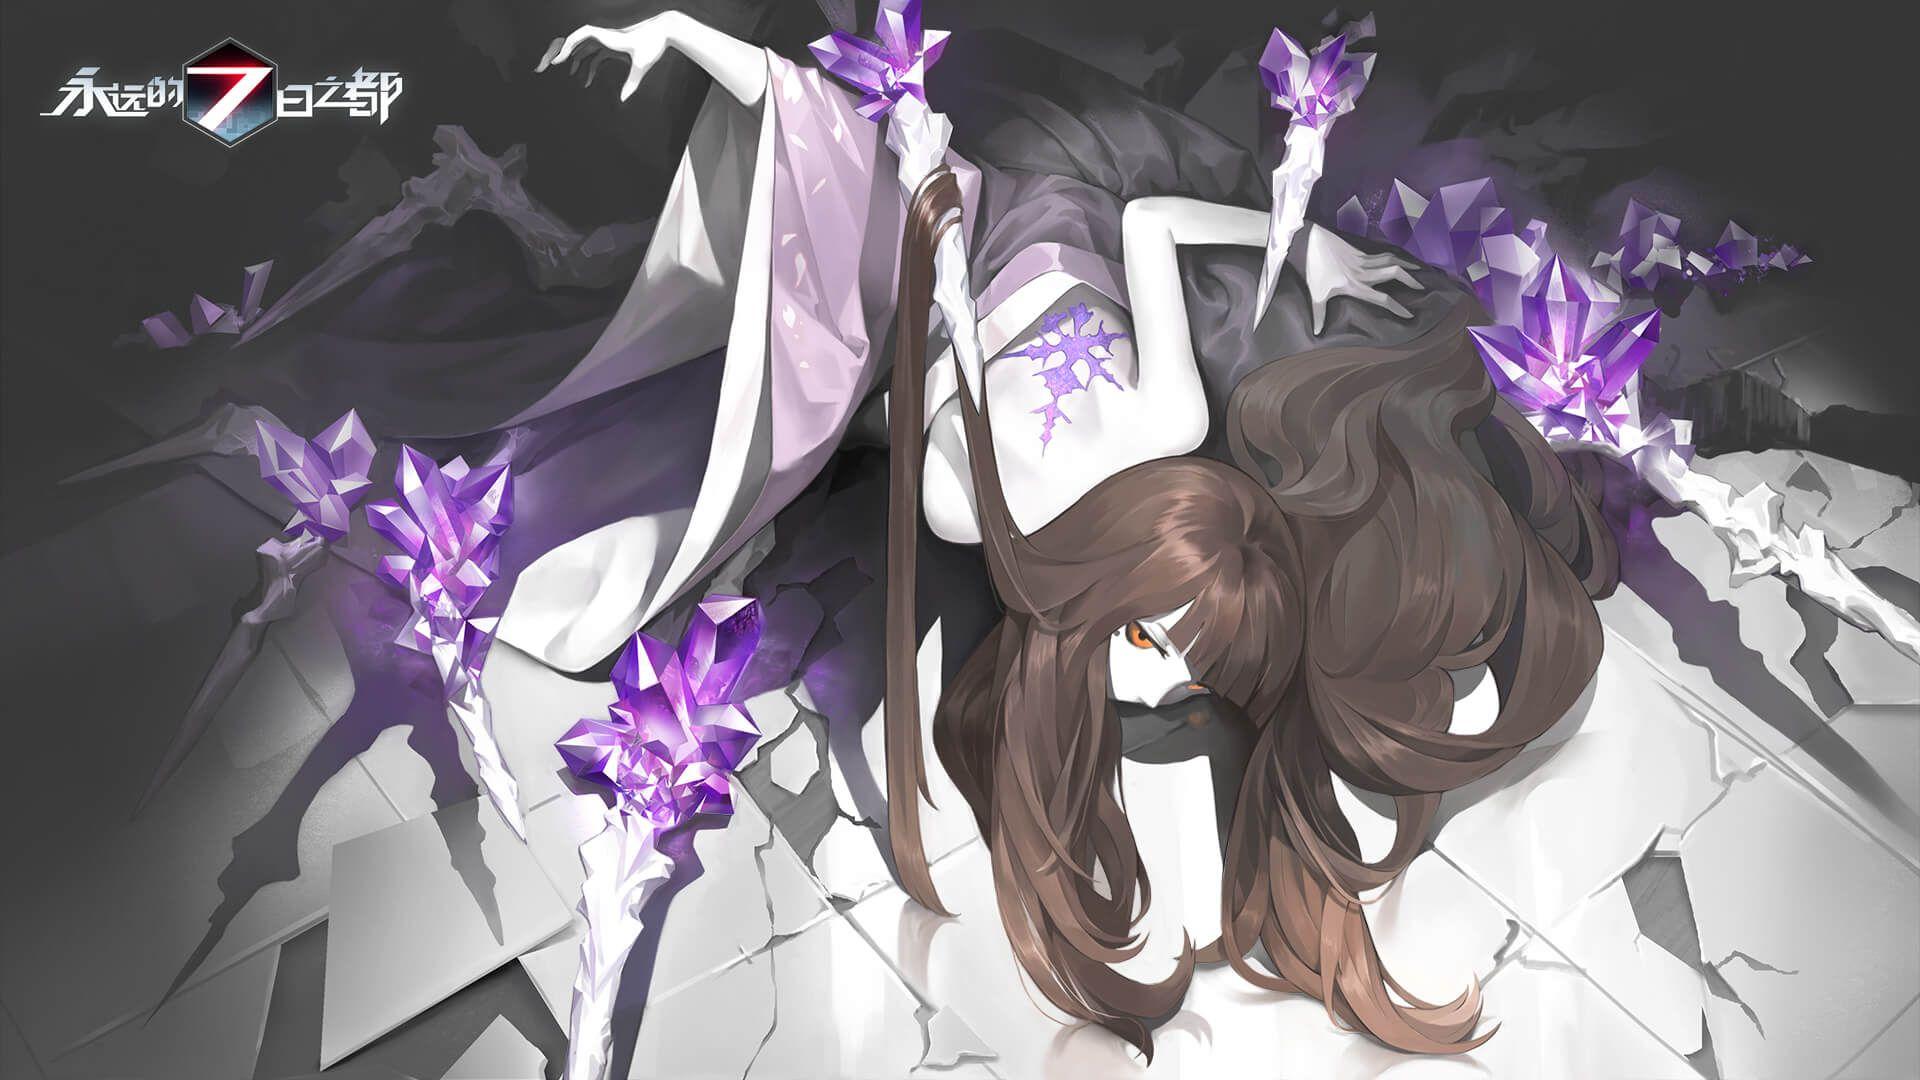 Ghim Của Ks Zb Tren Fentezi Trong 2020 Kỳ ảo Anime Nghệ Thuật Anime